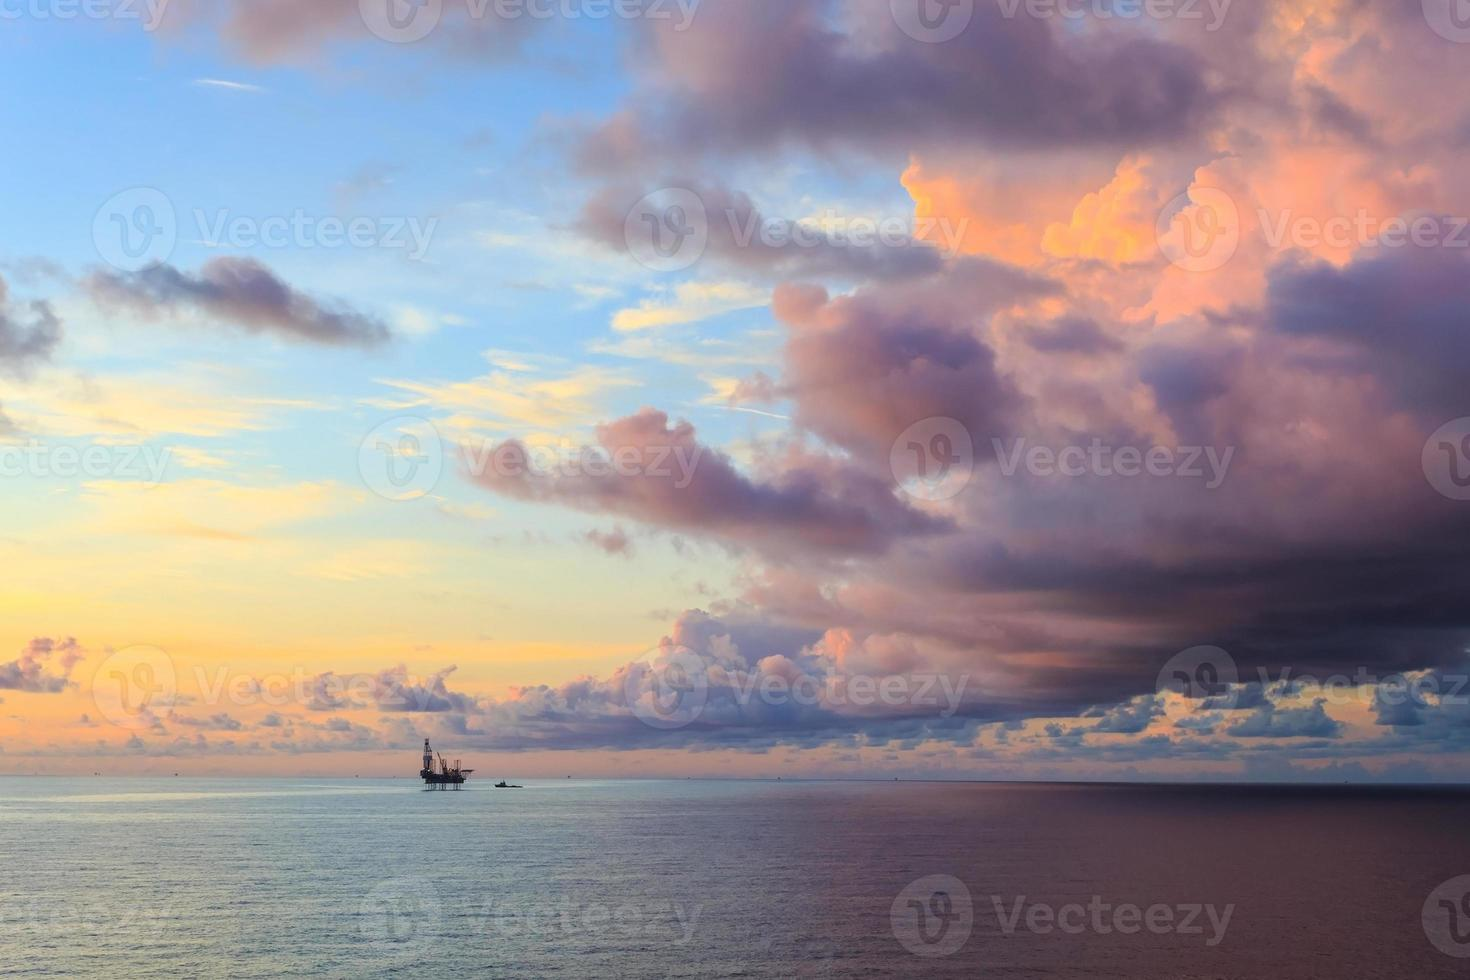 offshore jack up booreiland in het midden van de oceaan foto